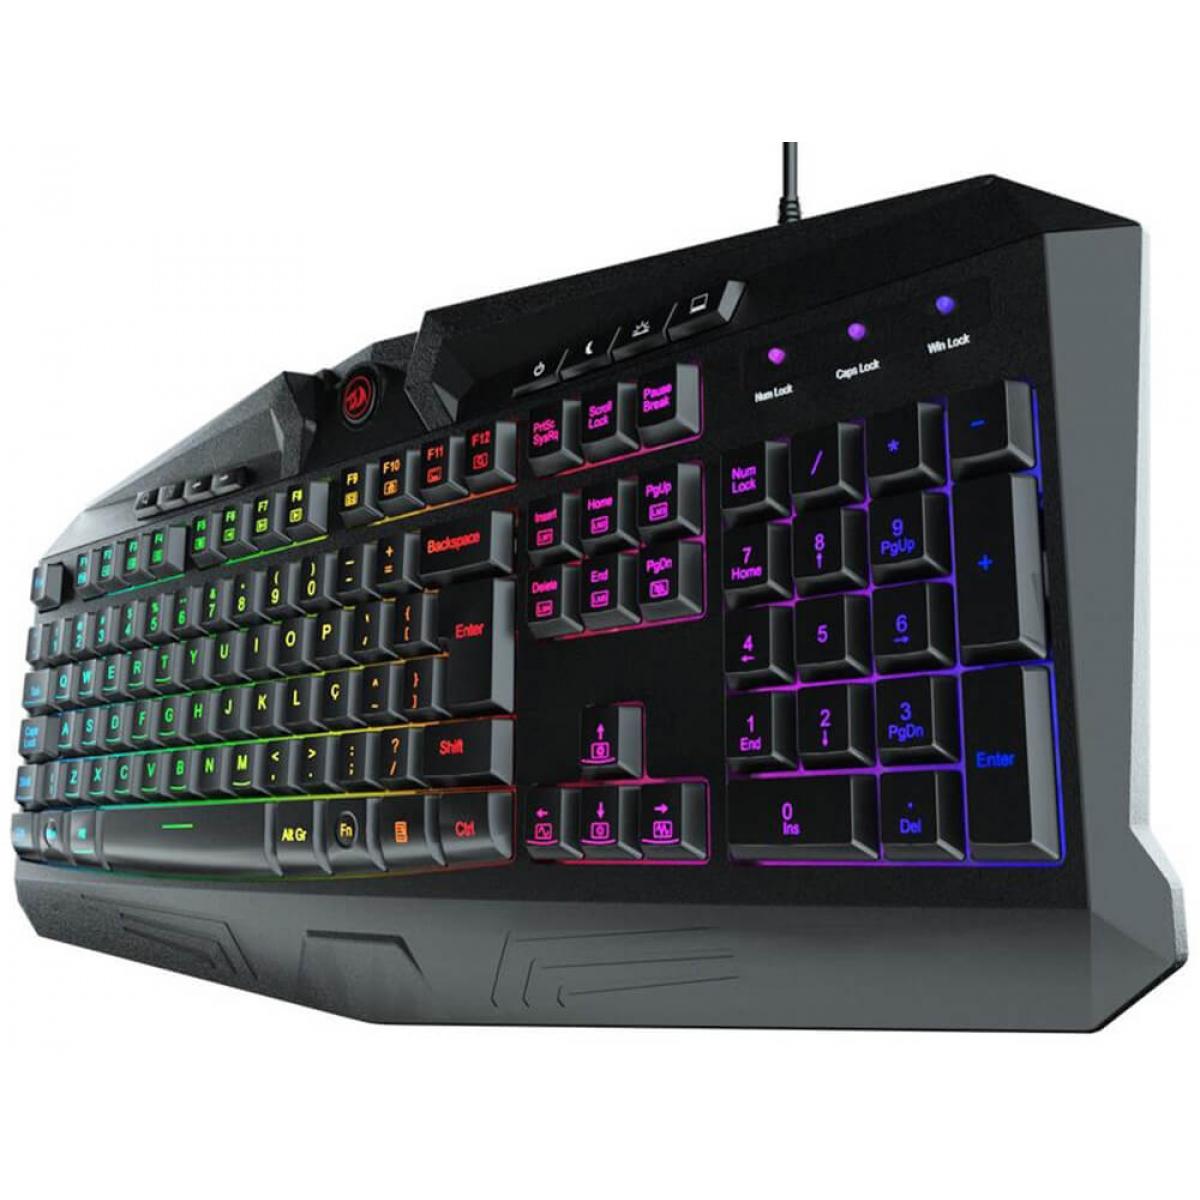 Teclado Gamer Redragon Harpe RGB, ABNT2, K503RGB